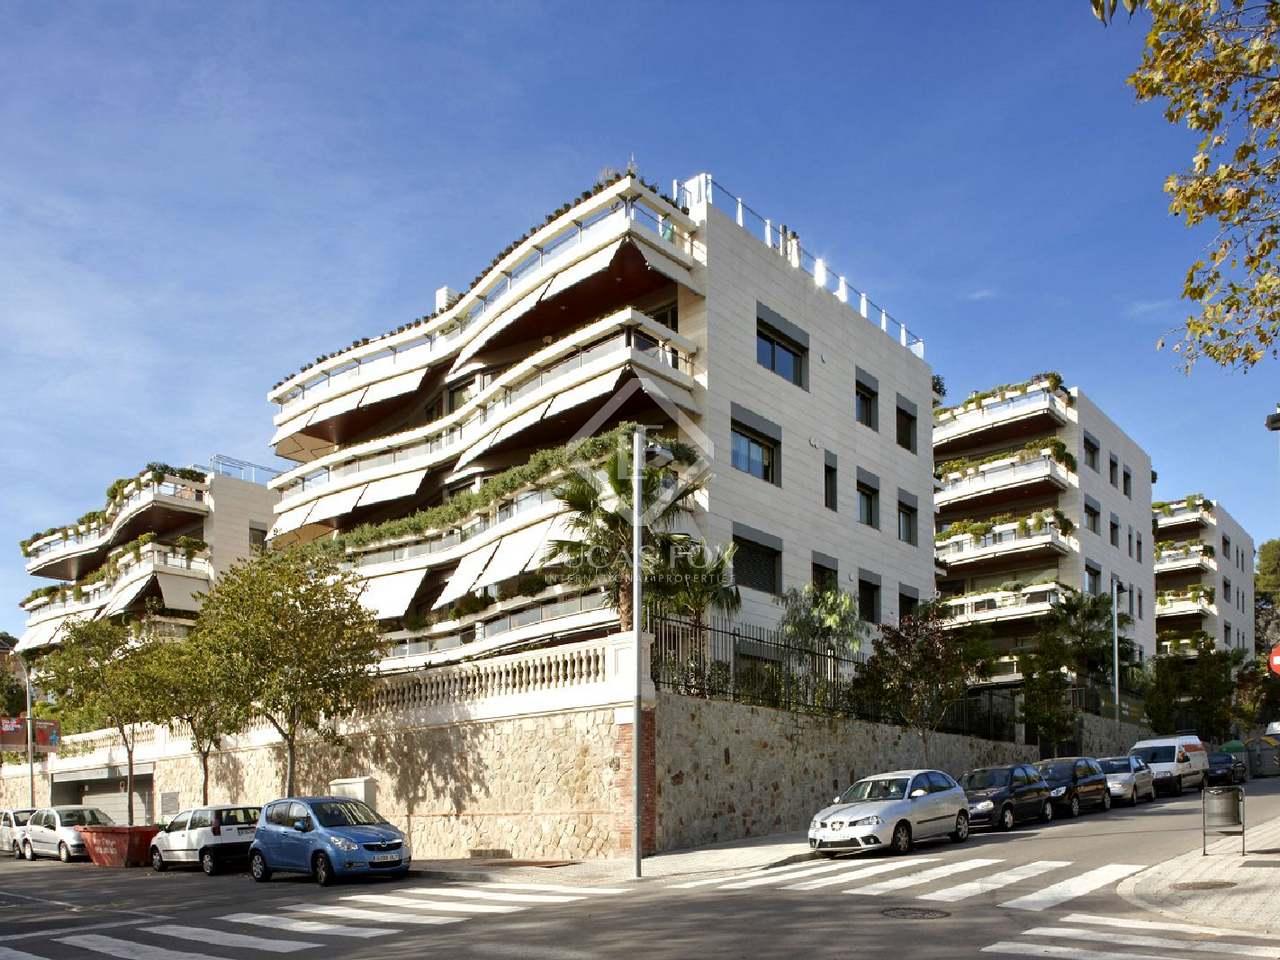 Brand new dwellings for sale in barcelona 39 s zona alta - Zona alta barcelona ...